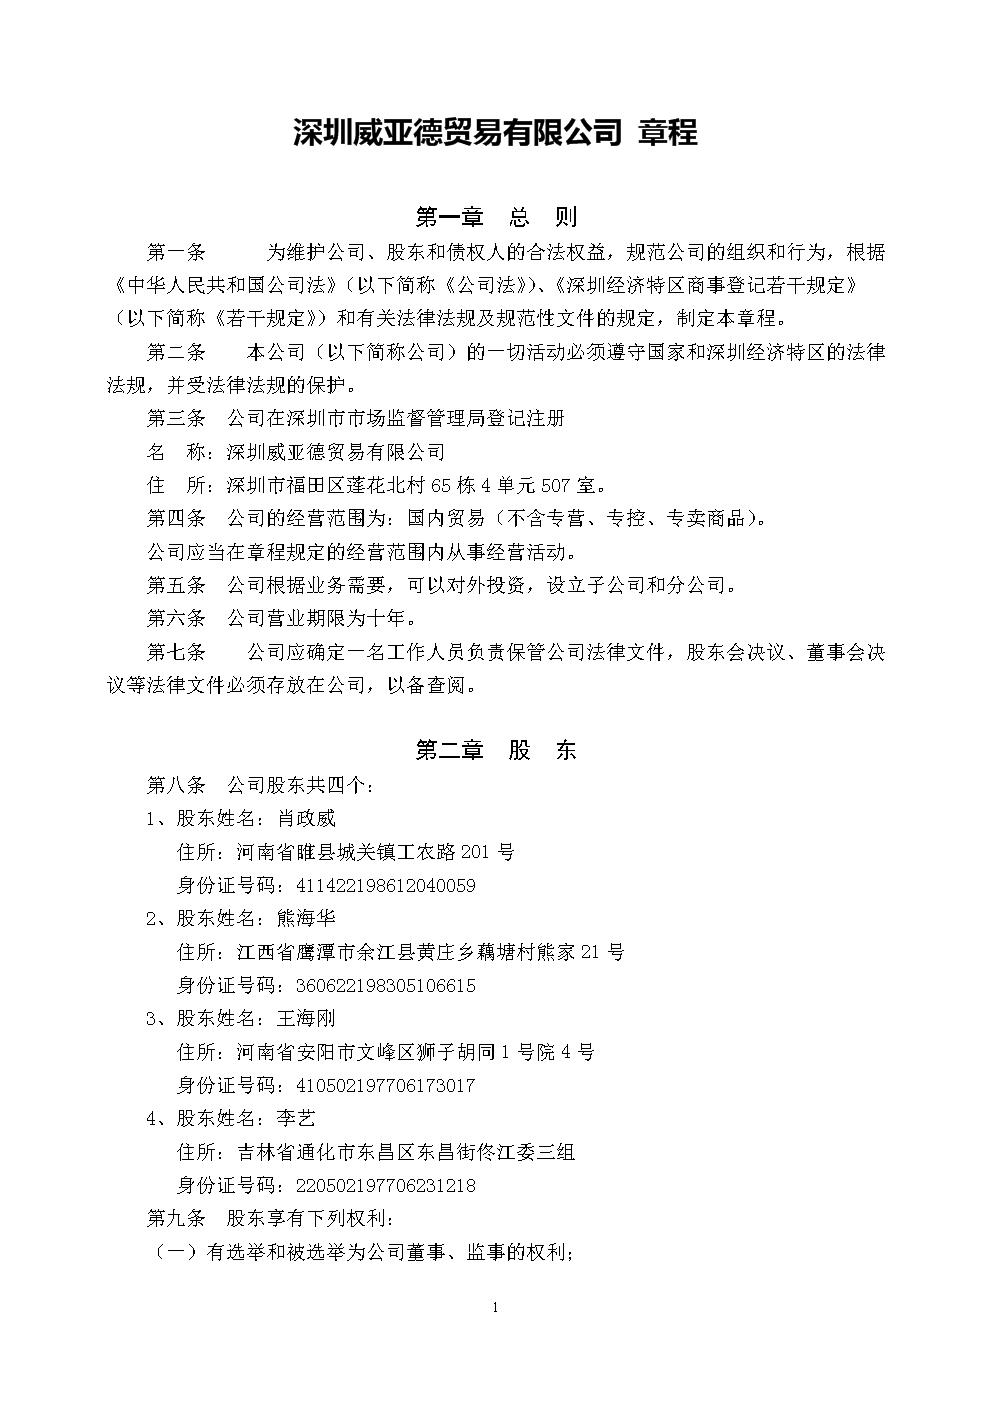 深圳威亚德贸易有限公司新章程讲义.doc